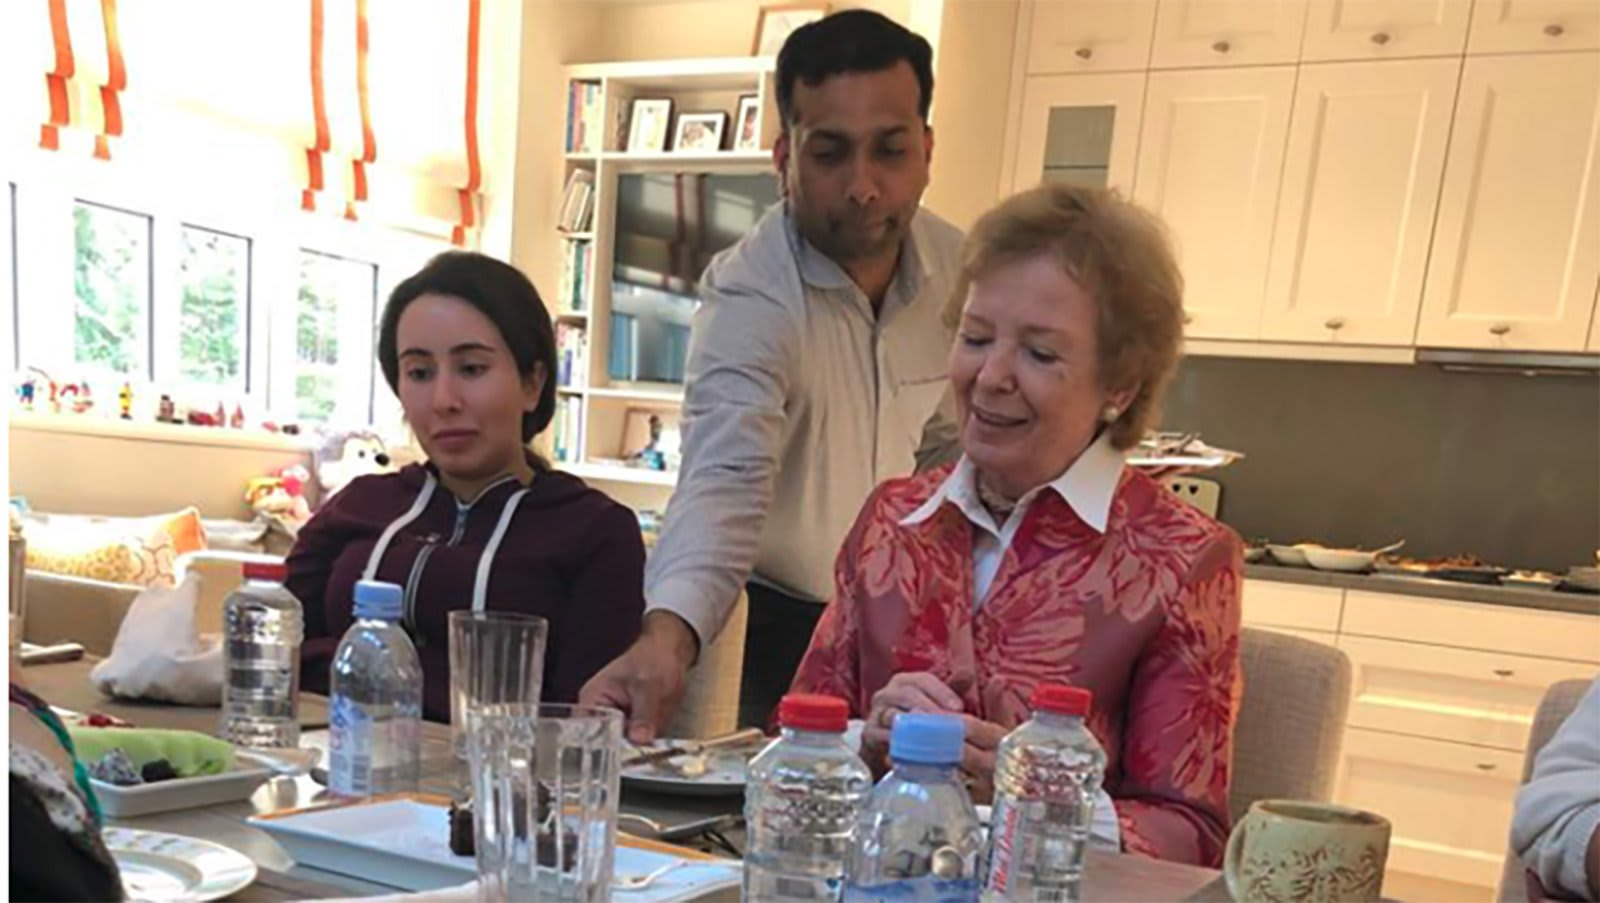 صورة أرشيفية من زيارة مفوضة الأمم المتحدة السابقة لحقوق الإنسان ماري روبنسون للشيخة لطيفة في ديسمبر 2018